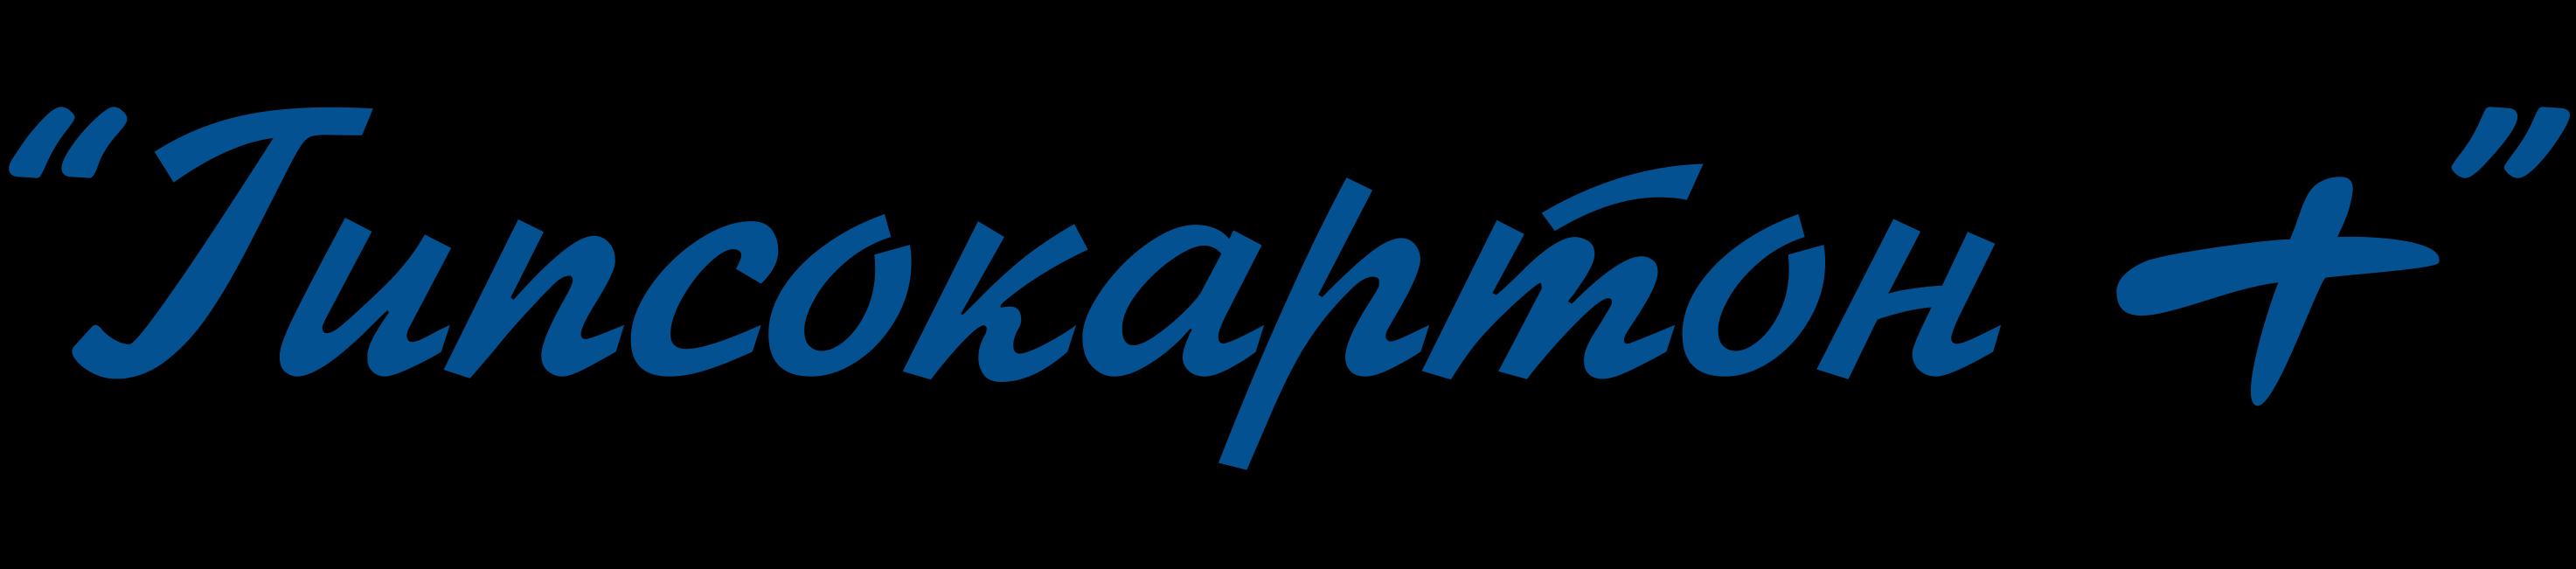 Магазин Гипсокартон+ Набережные Челны